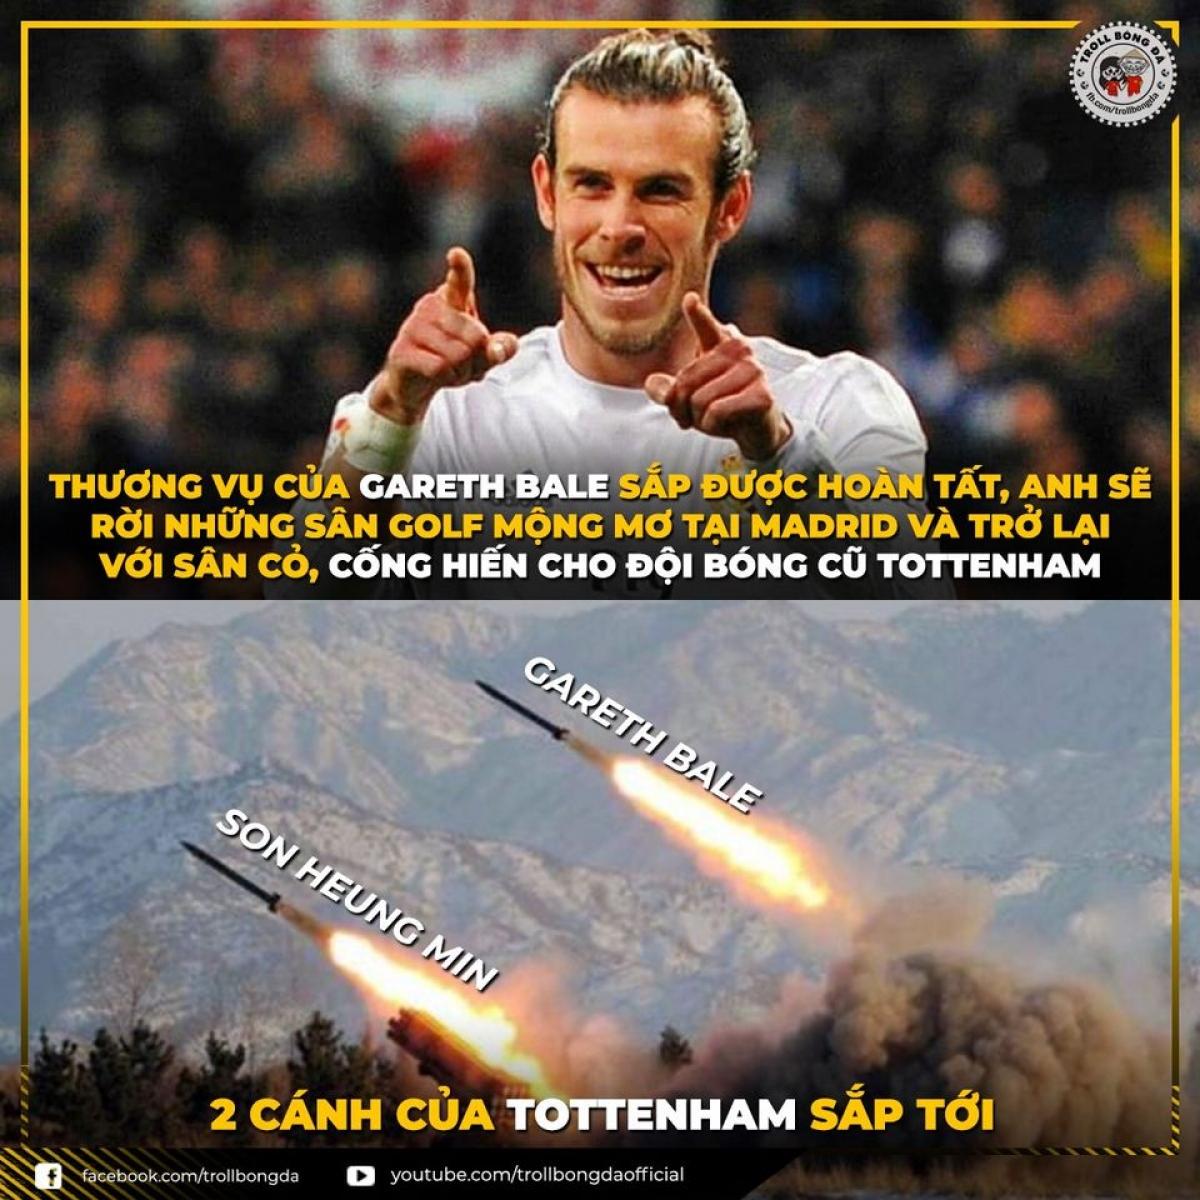 """Tottenham lại chuẩn bị sở hữu thêm một """"máy chạy"""" (Ảnh: Troll bóng đá)."""